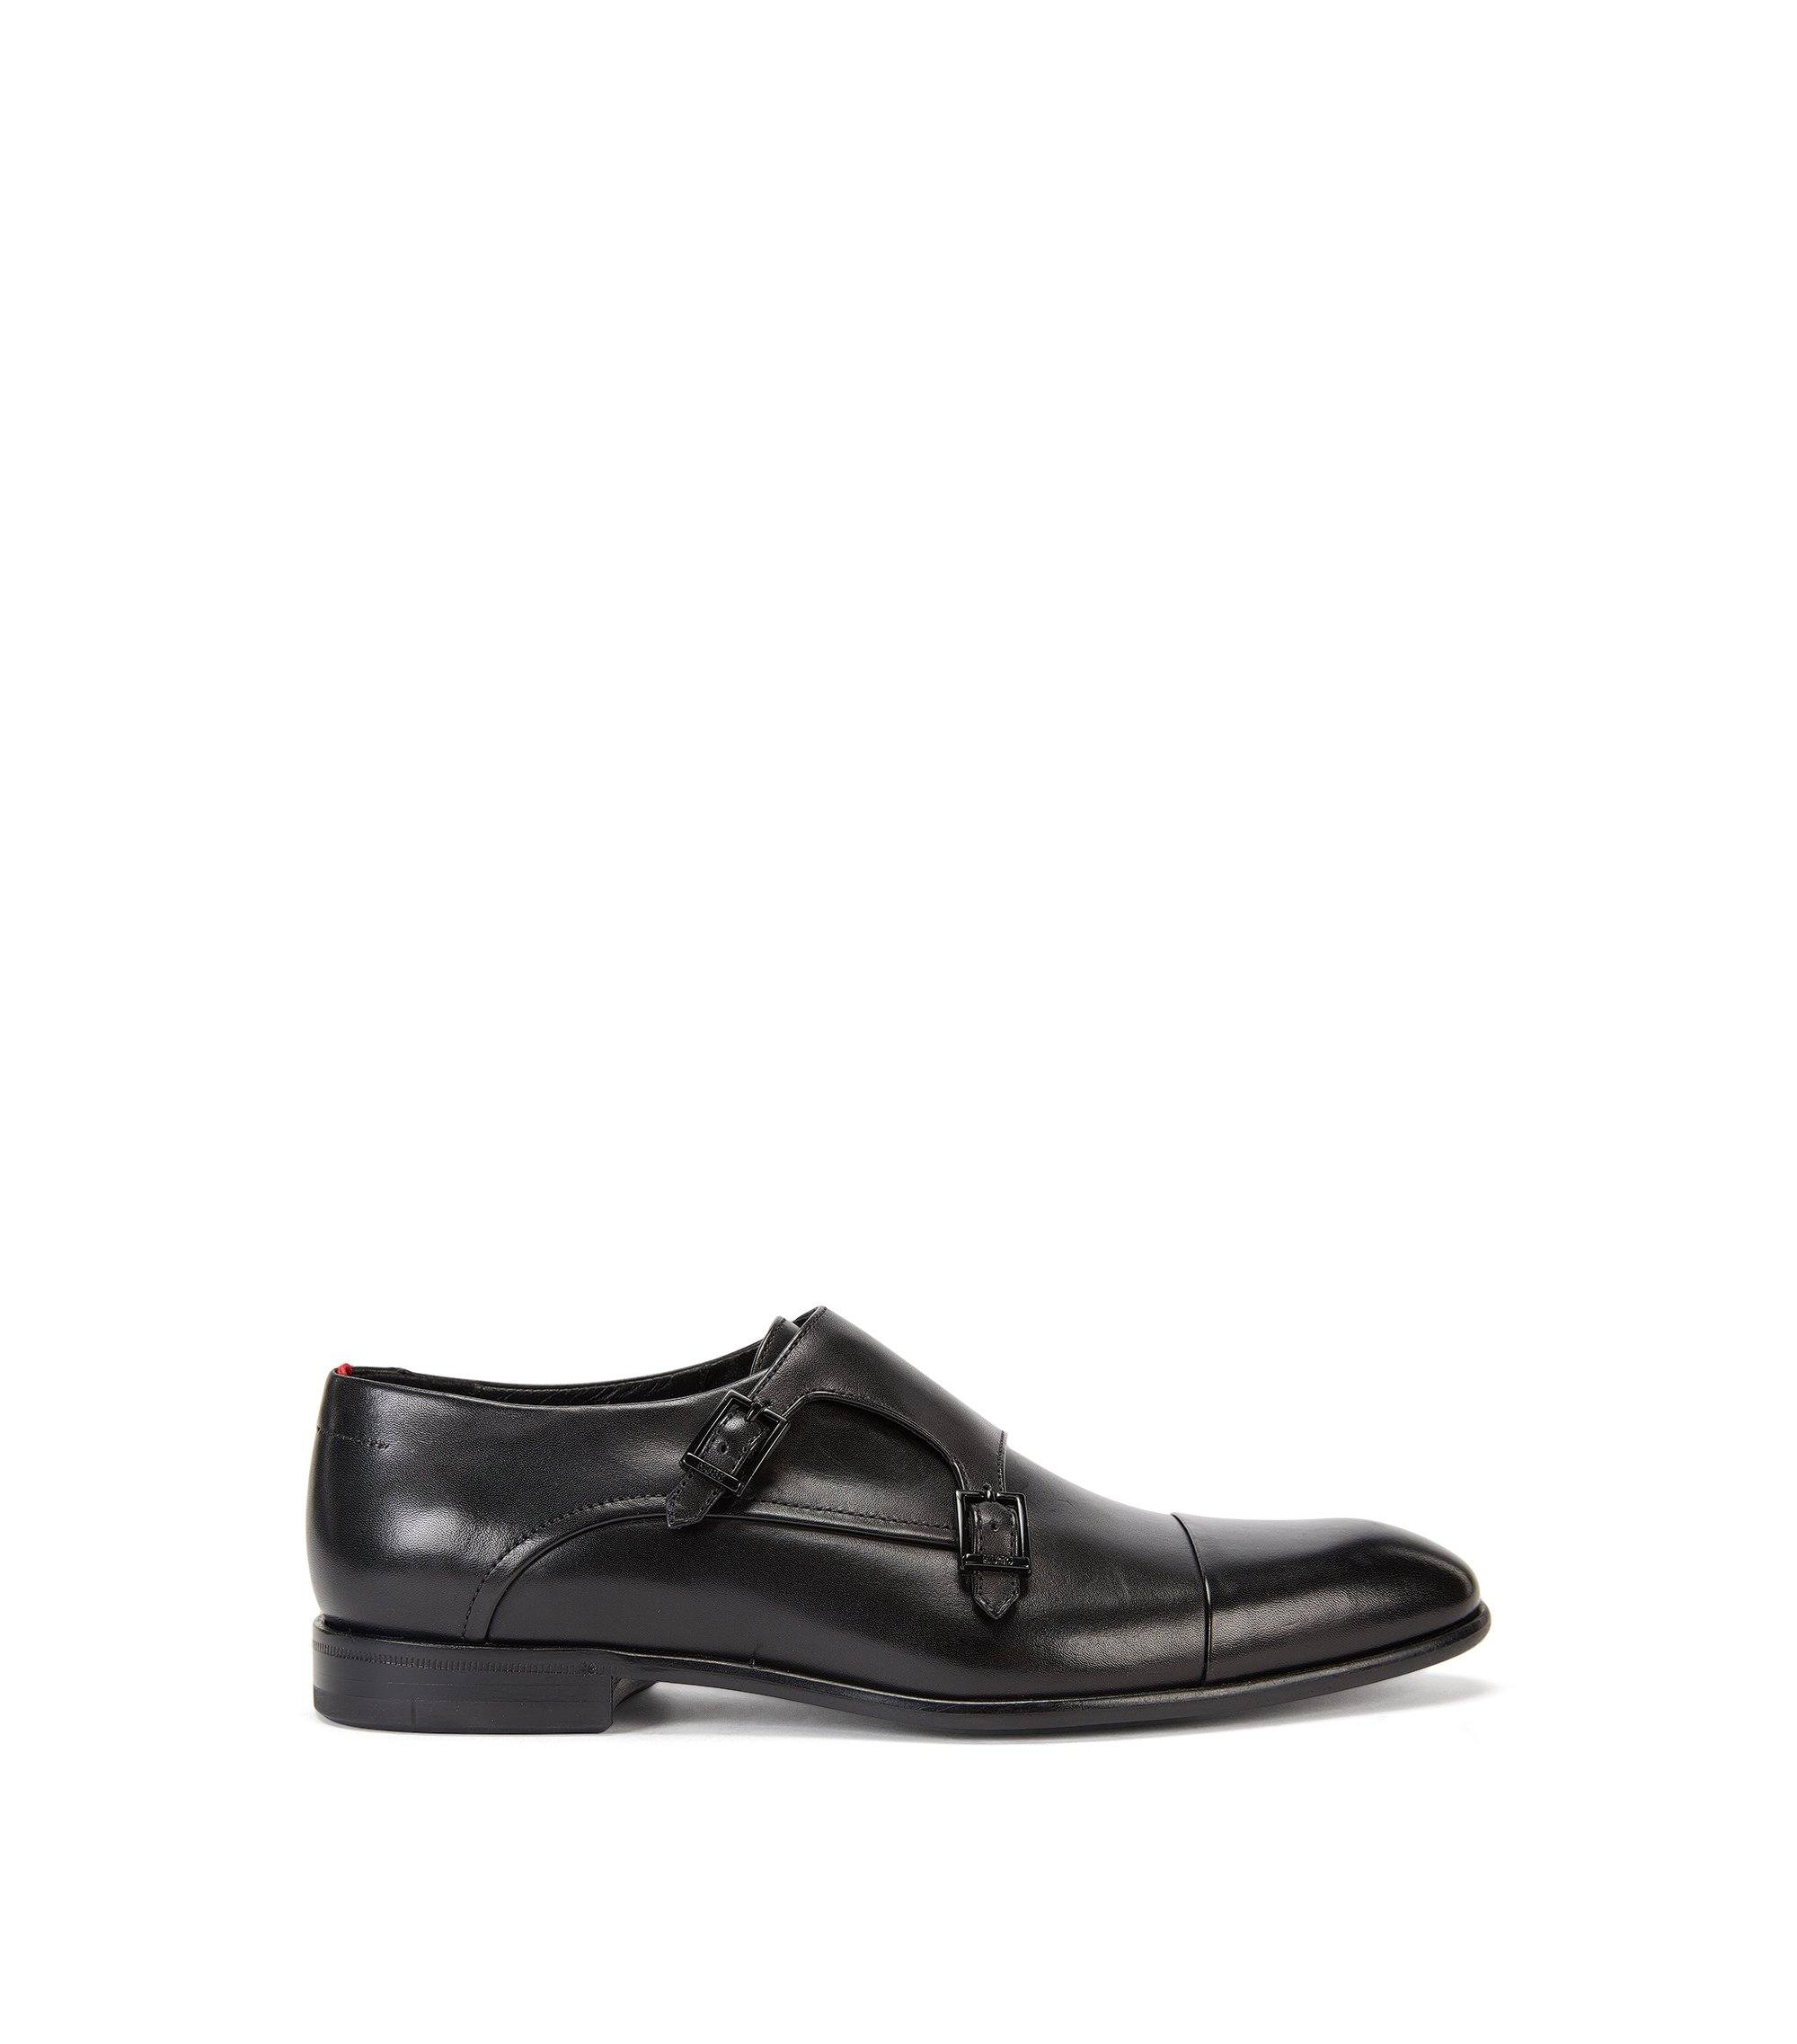 Schoenen van gepolijst leer met dubbele gesp, Zwart